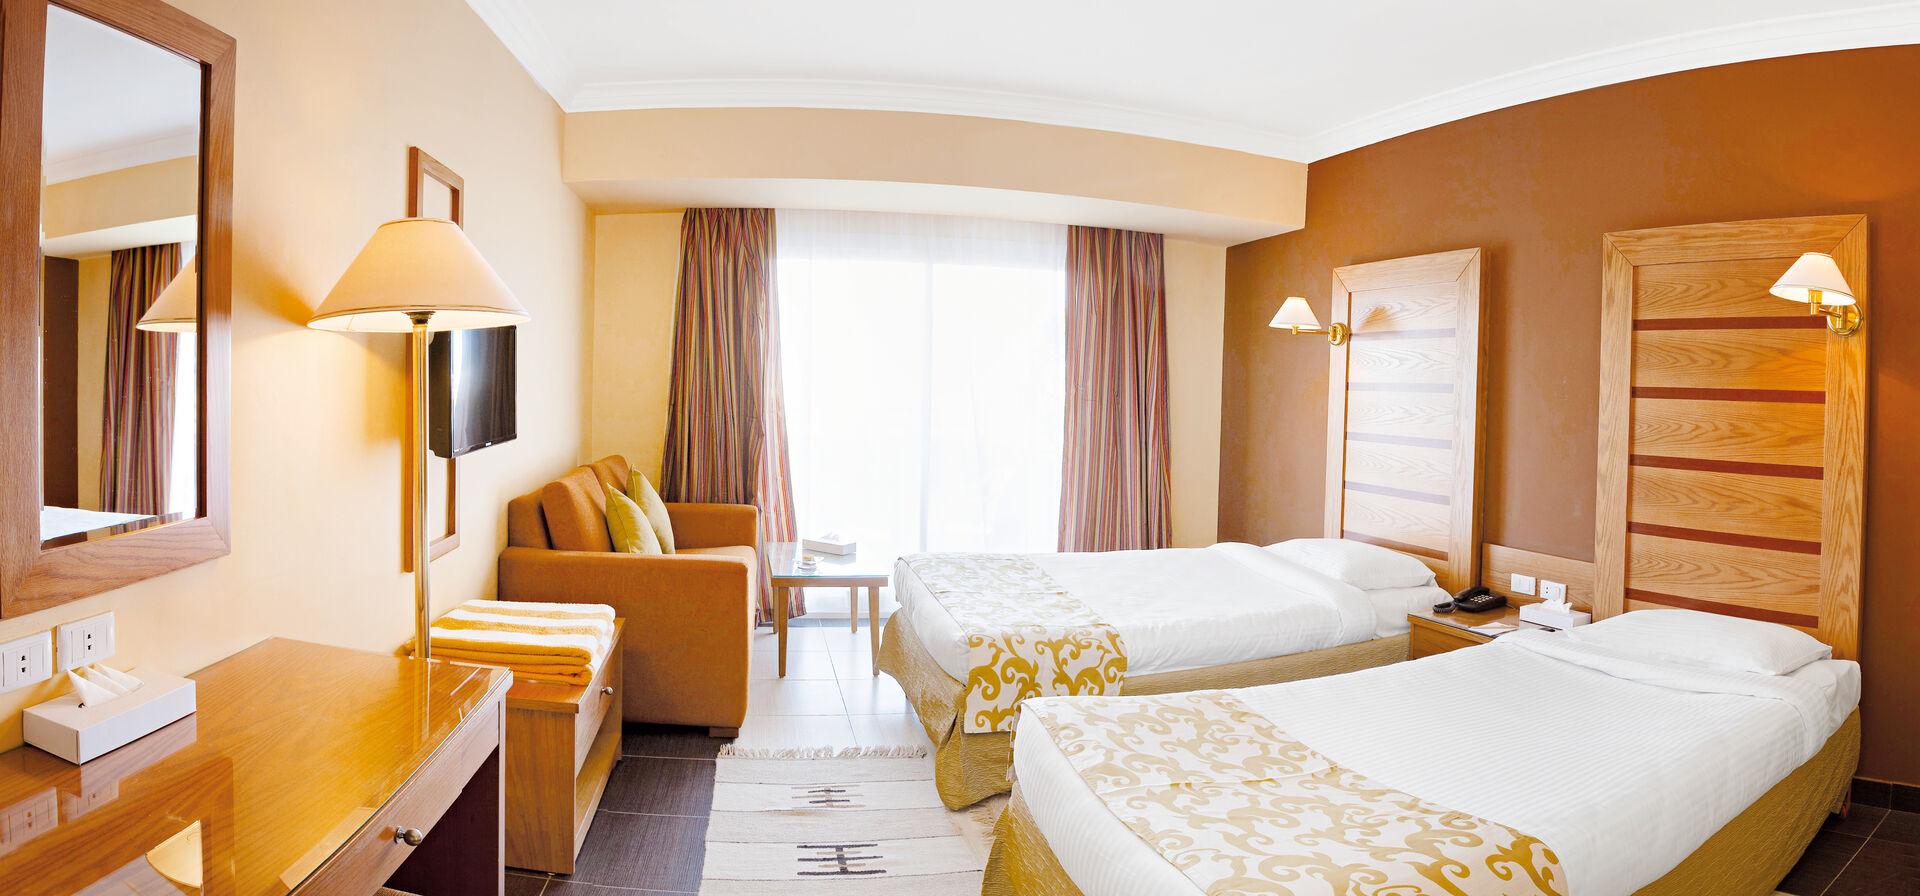 Wohnbeispiel Golden Beach Resort